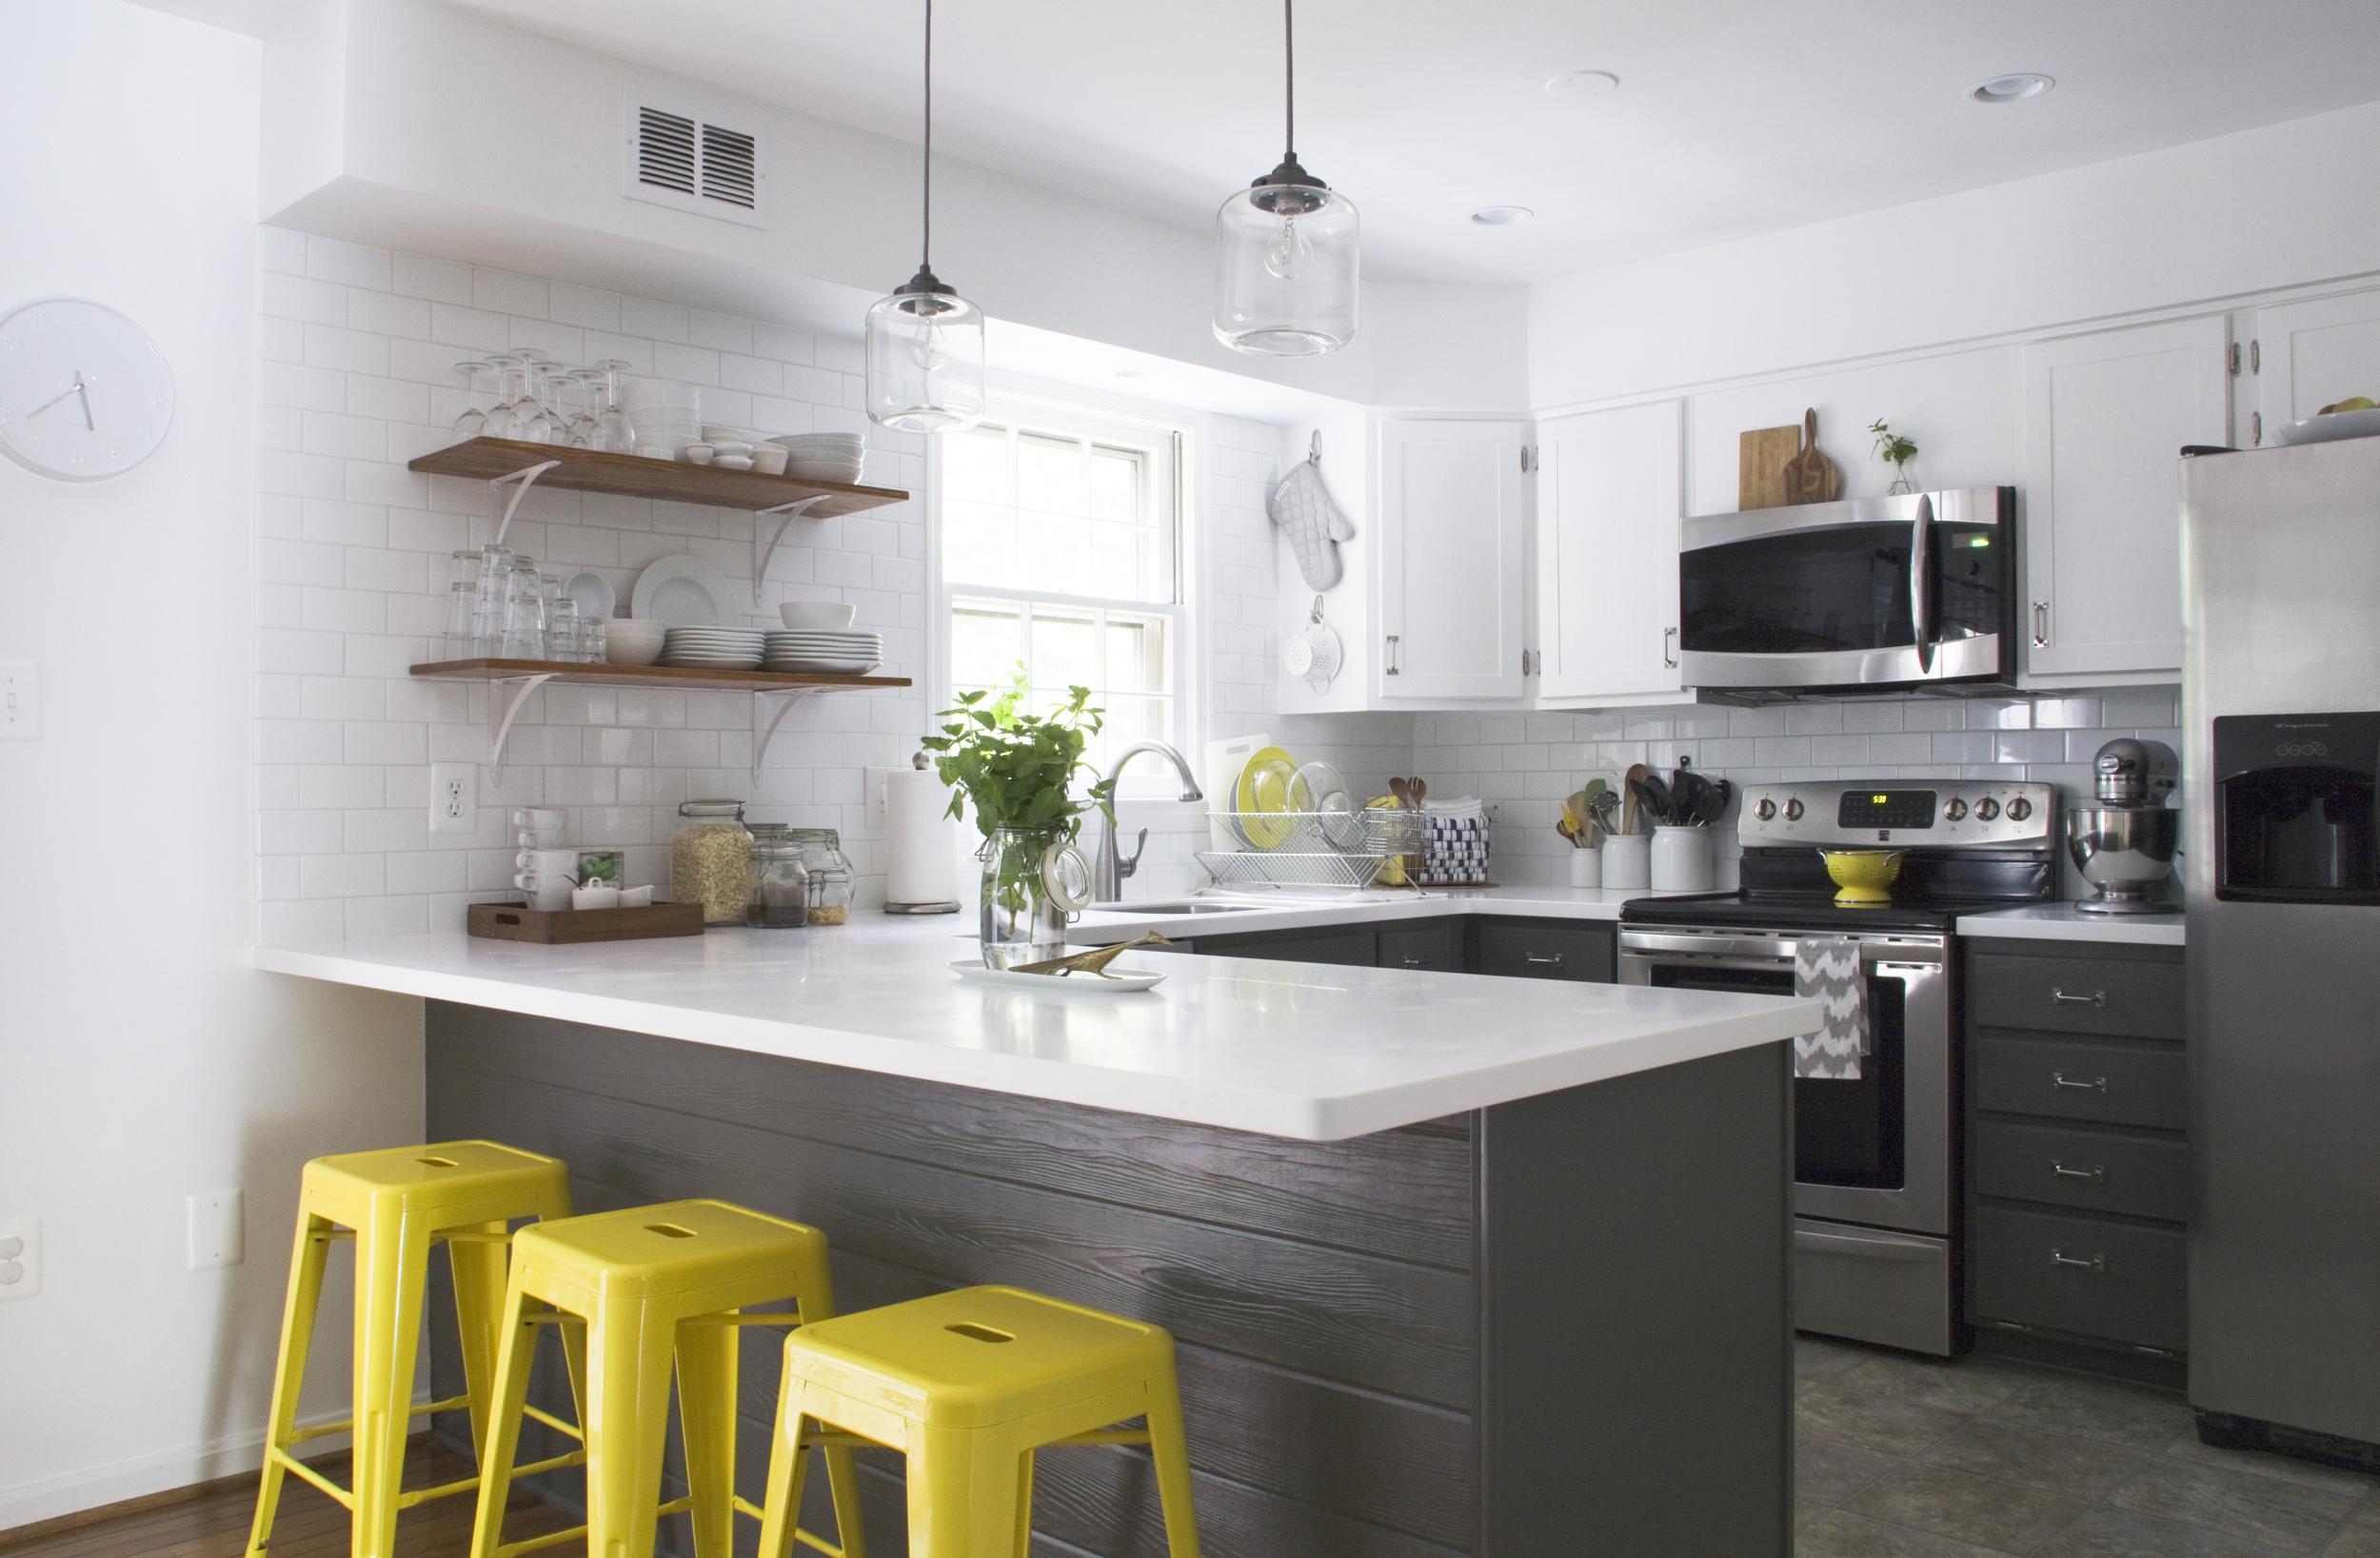 KitchenRemodel_Wide_CC1.jpg